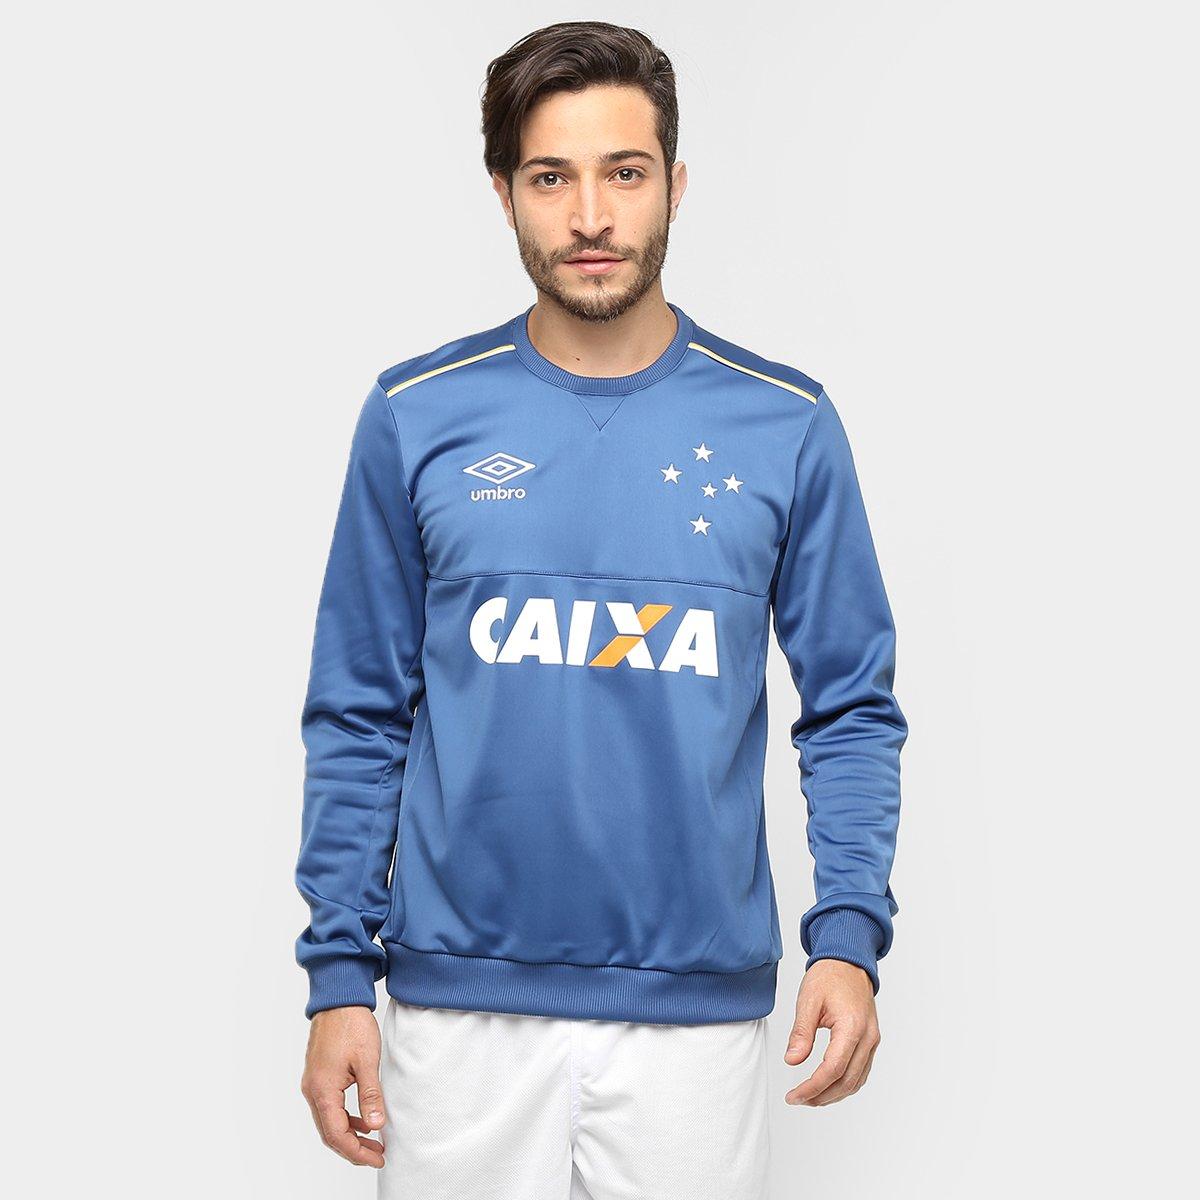 2ddd68c070 Agasalho Umbro Cruzeiro Treino 2016 - Compre Agora